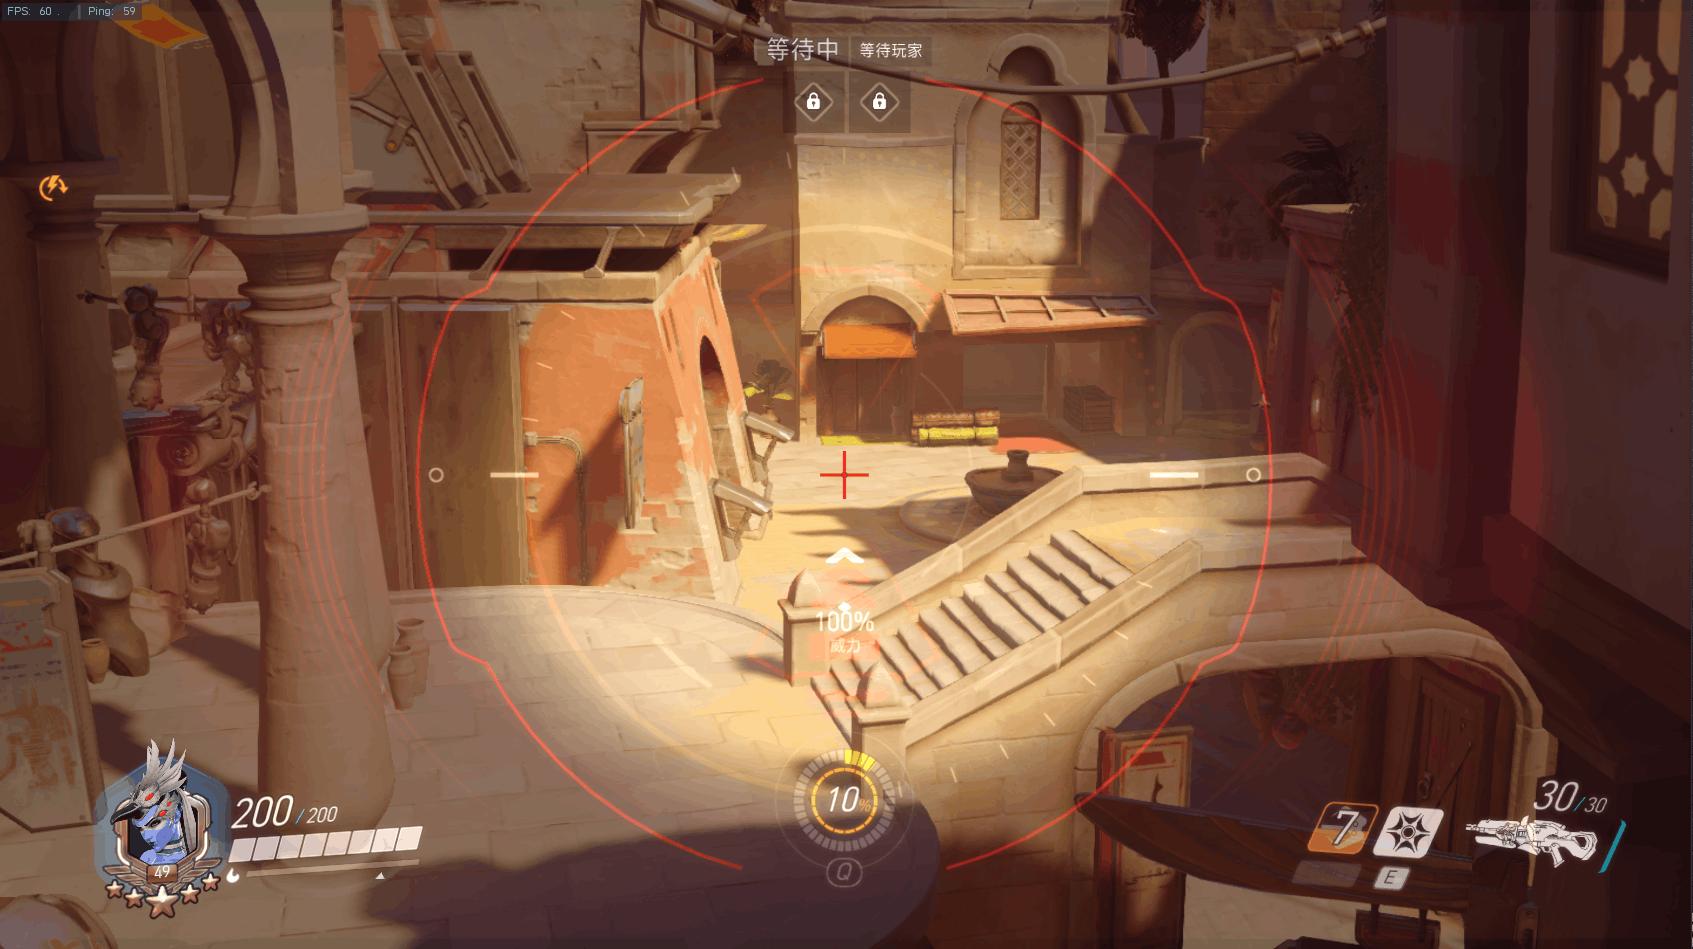 如何成为优秀狙击手 守望先锋黑百合进阶技巧